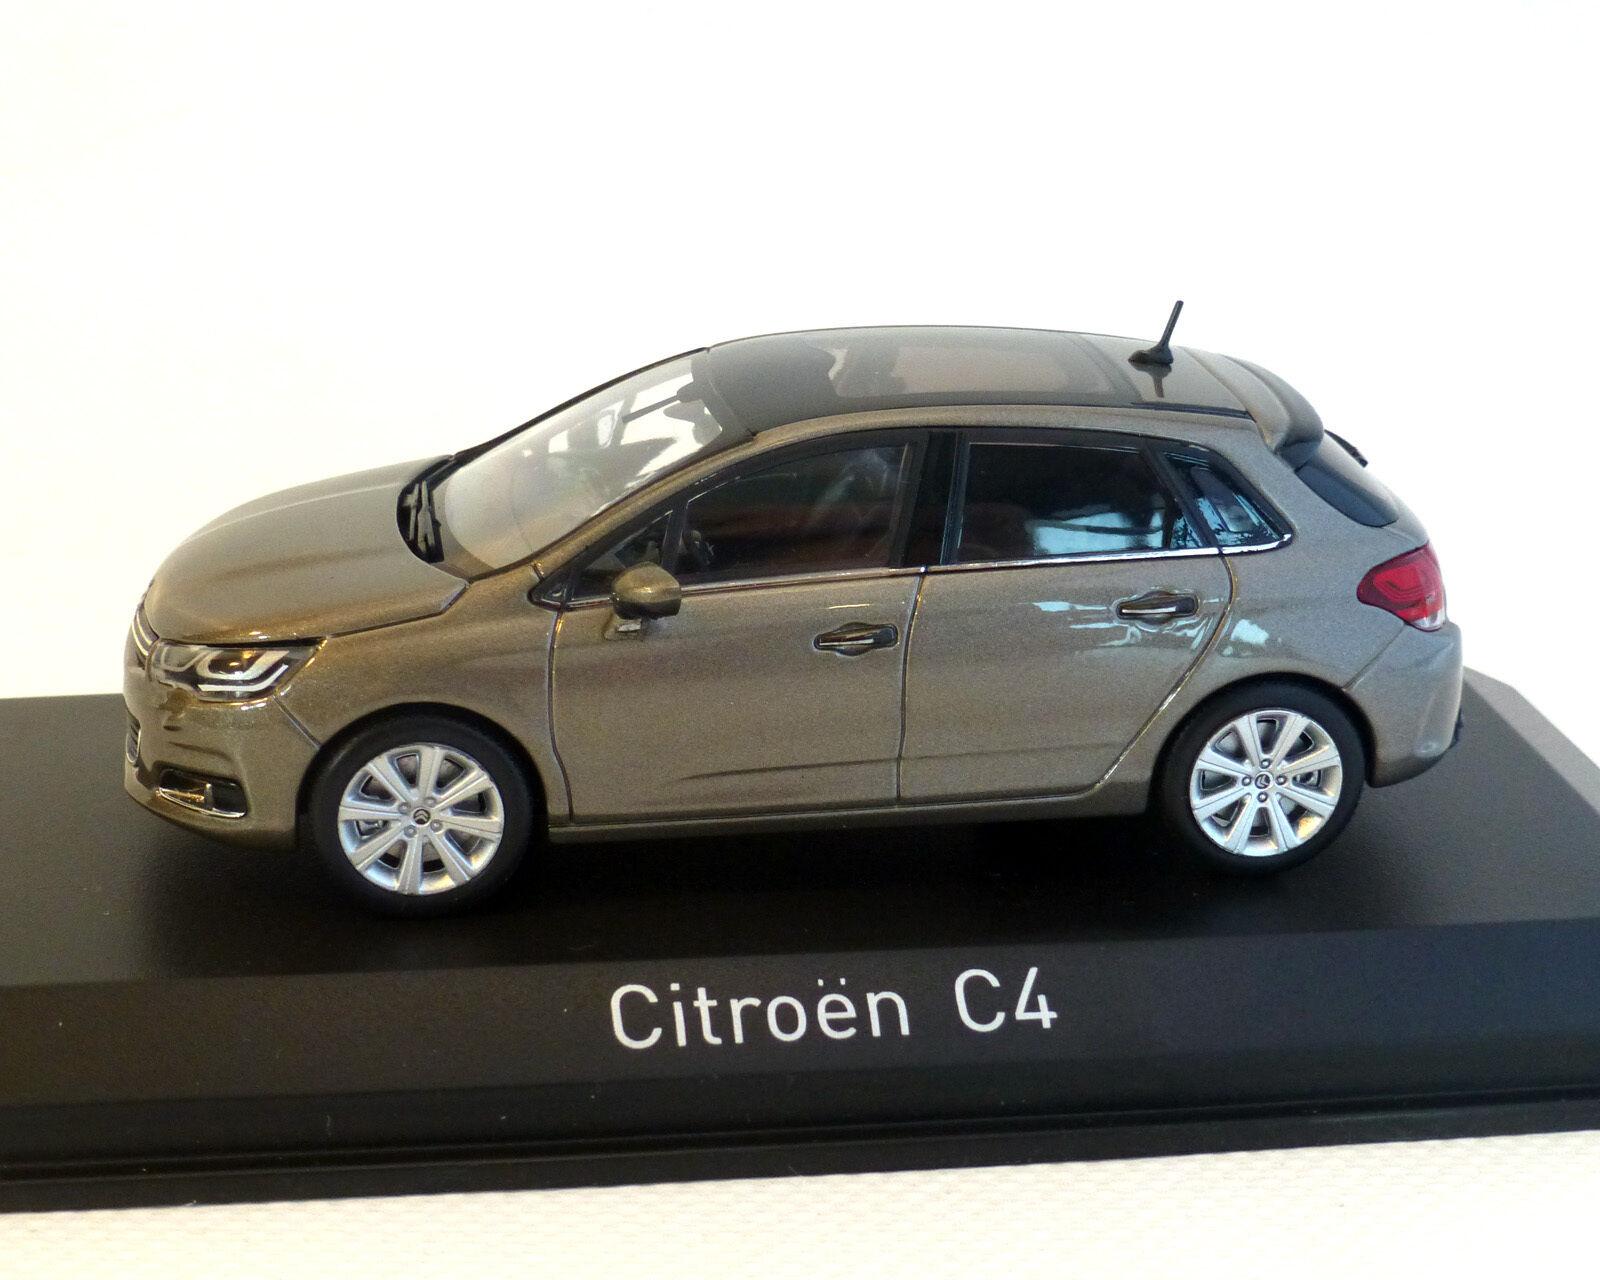 Citroen C4, grey-Beige-Metallic, 2015, Norev 1 43